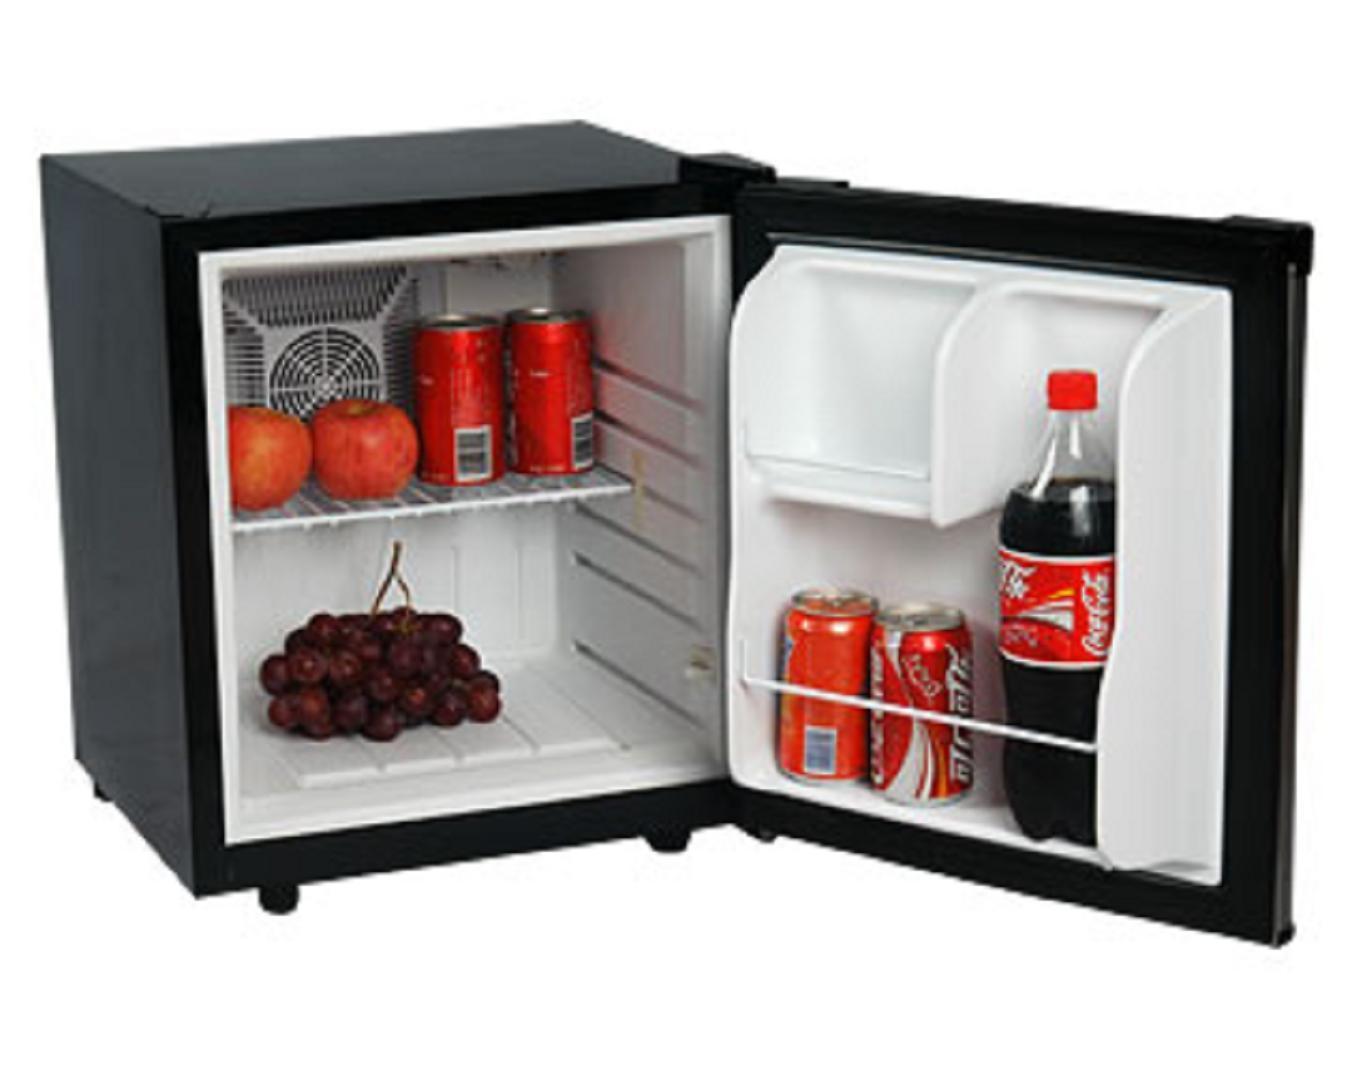 aroma rice cooker wiring diagram volvo fh harga freezer cooler 11